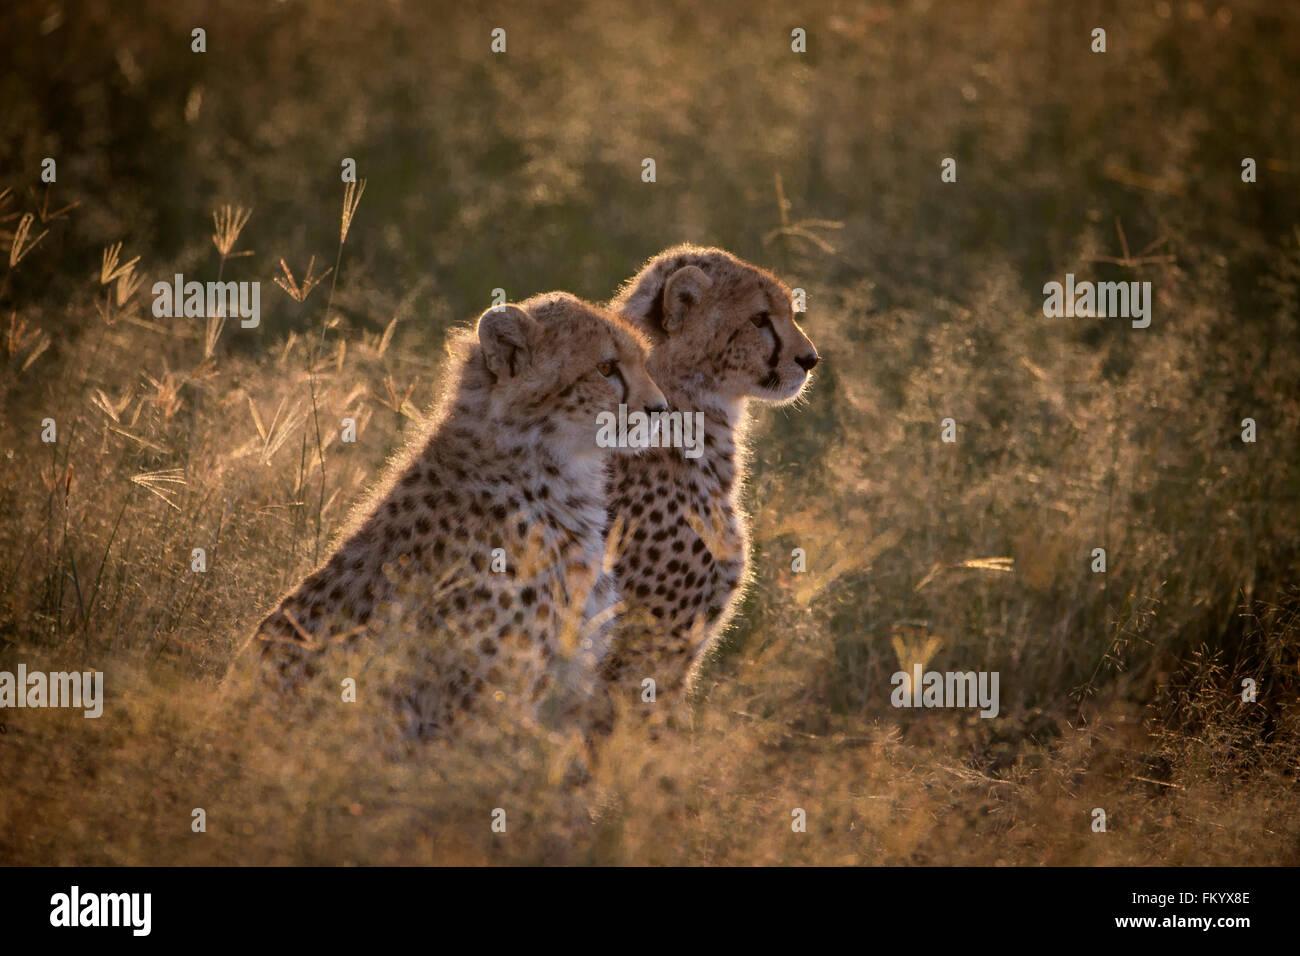 Juvenile Cheetah jungen Hintergrundbeleuchtung in der frühen Morgensonne Stockbild